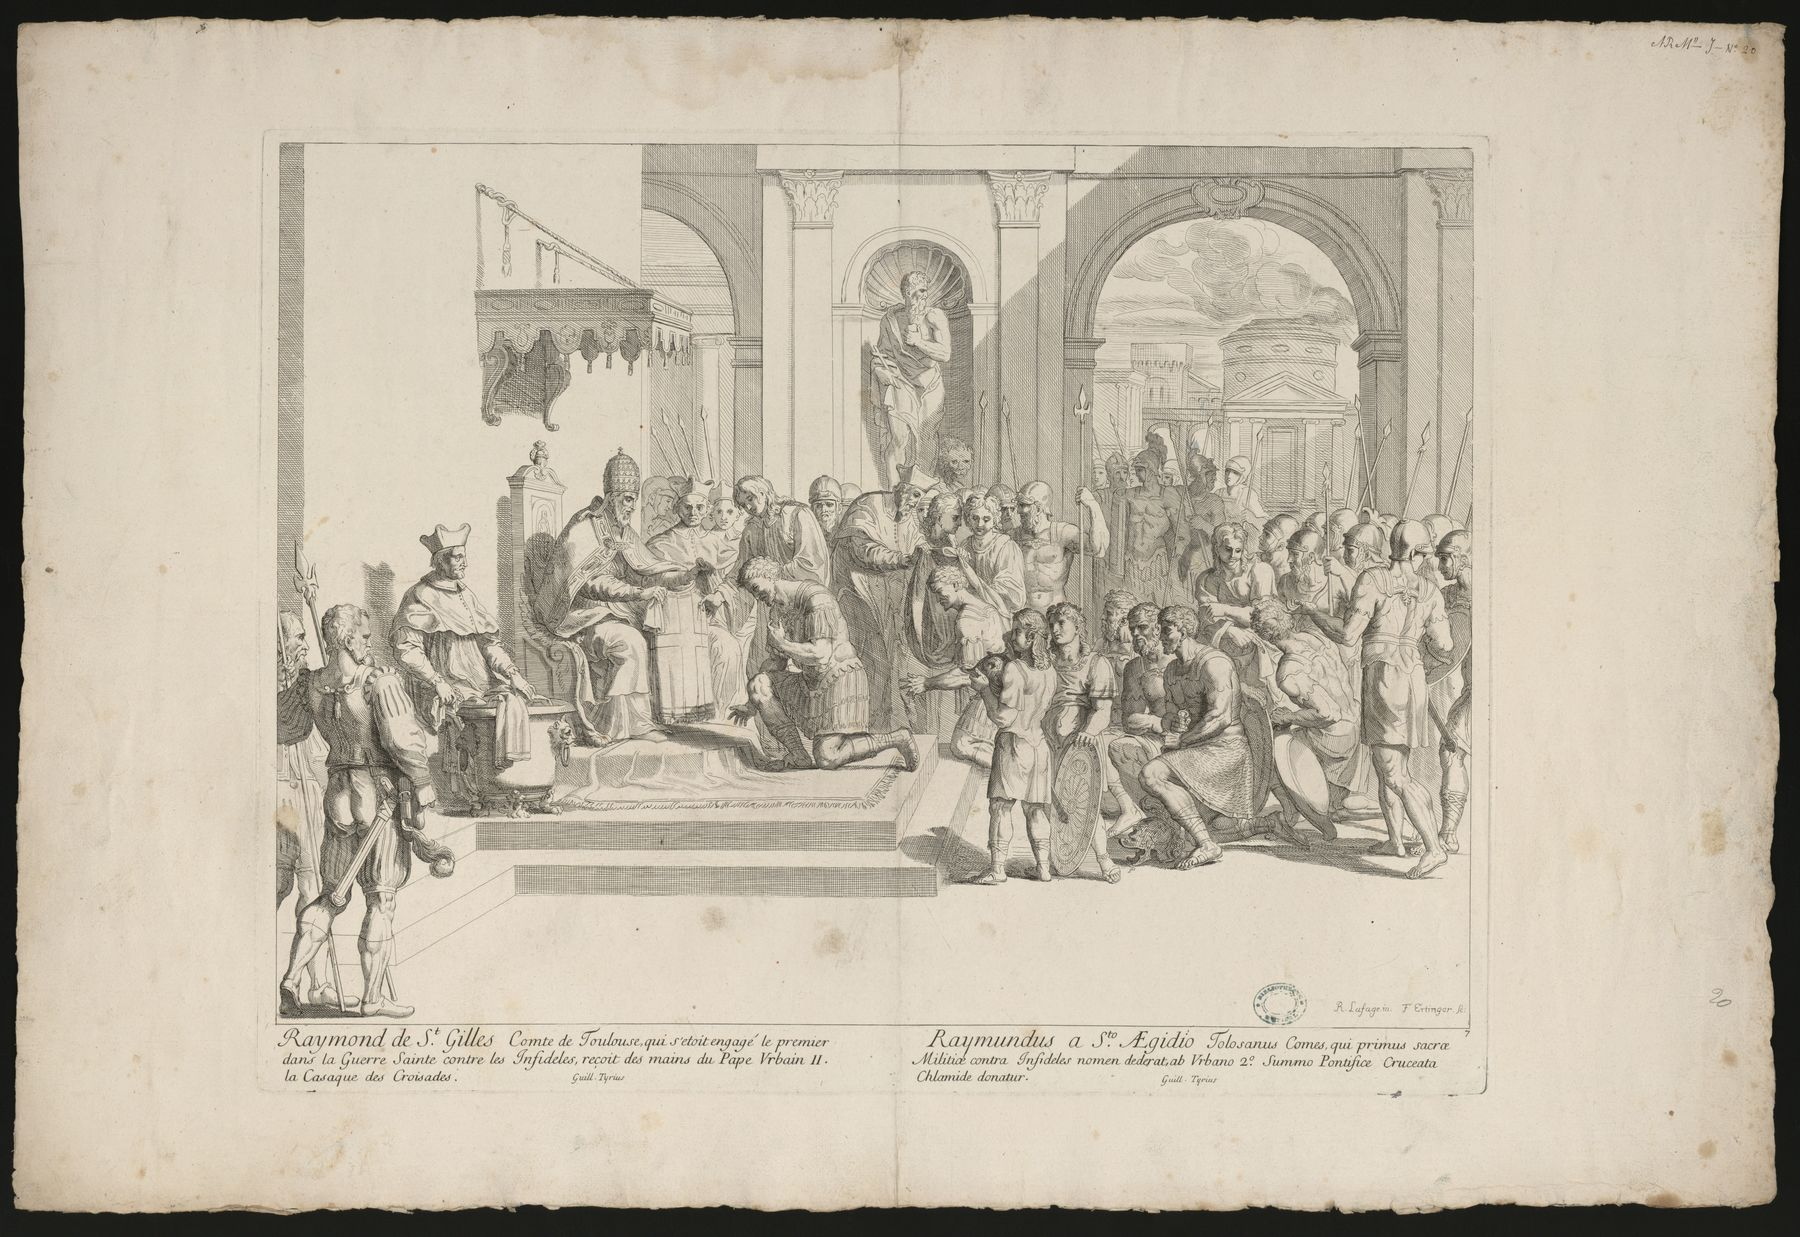 Contenu du Raymond de St Gilles, Comte de Toulouse … reçoit du Pape Urbain II la Casaque des Croisades